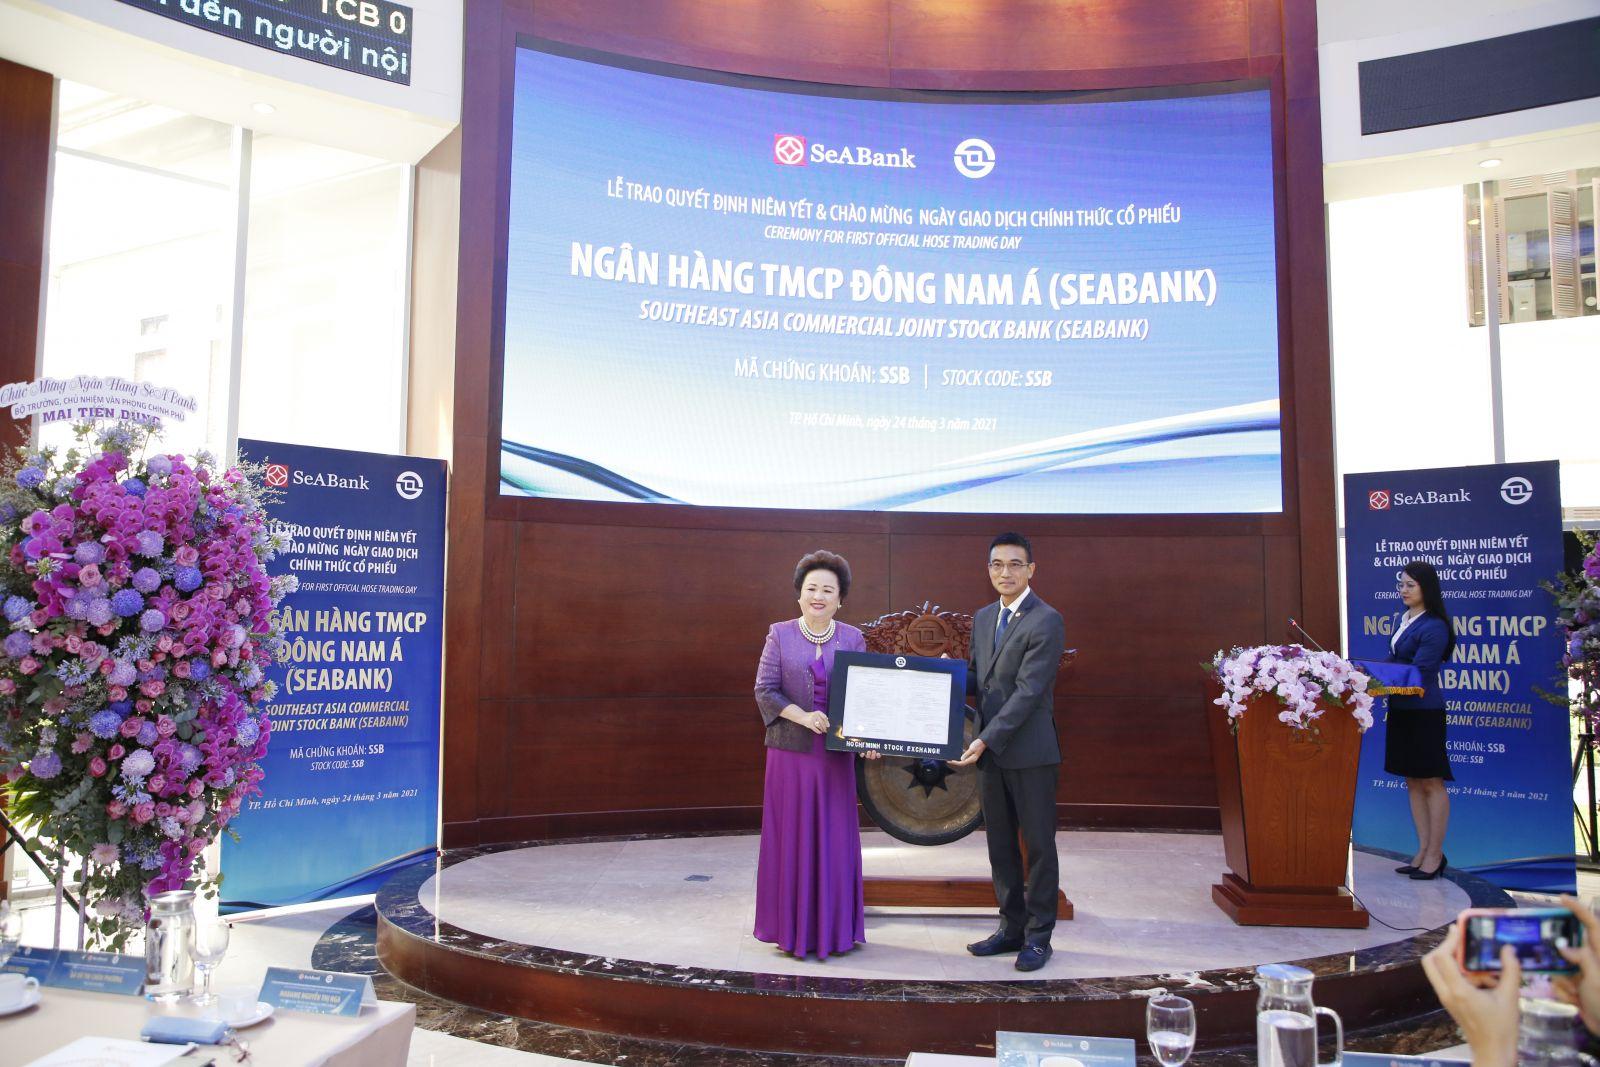 Sáng 24/3, hơn 1,2 tỷ cổ phiếu của Ngân hàng TMCP Đông Nam Á (SeABank) chính thức được niêm yết và giao dịch trên Sở Giao dịch Chứng khoán TP.HCM (HOSE)